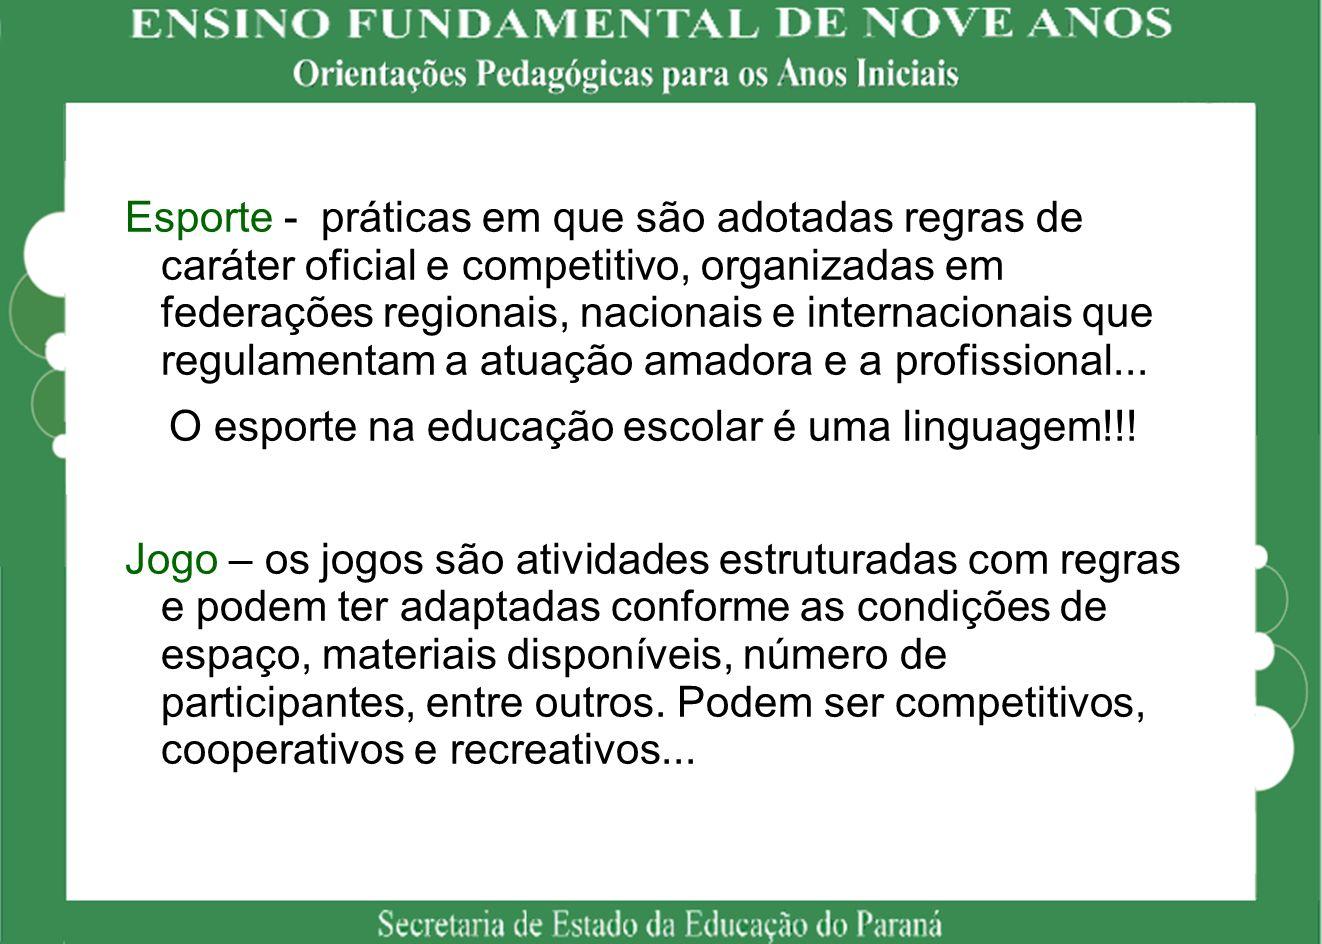 Esporte - práticas em que são adotadas regras de caráter oficial e competitivo, organizadas em federações regionais, nacionais e internacionais que re